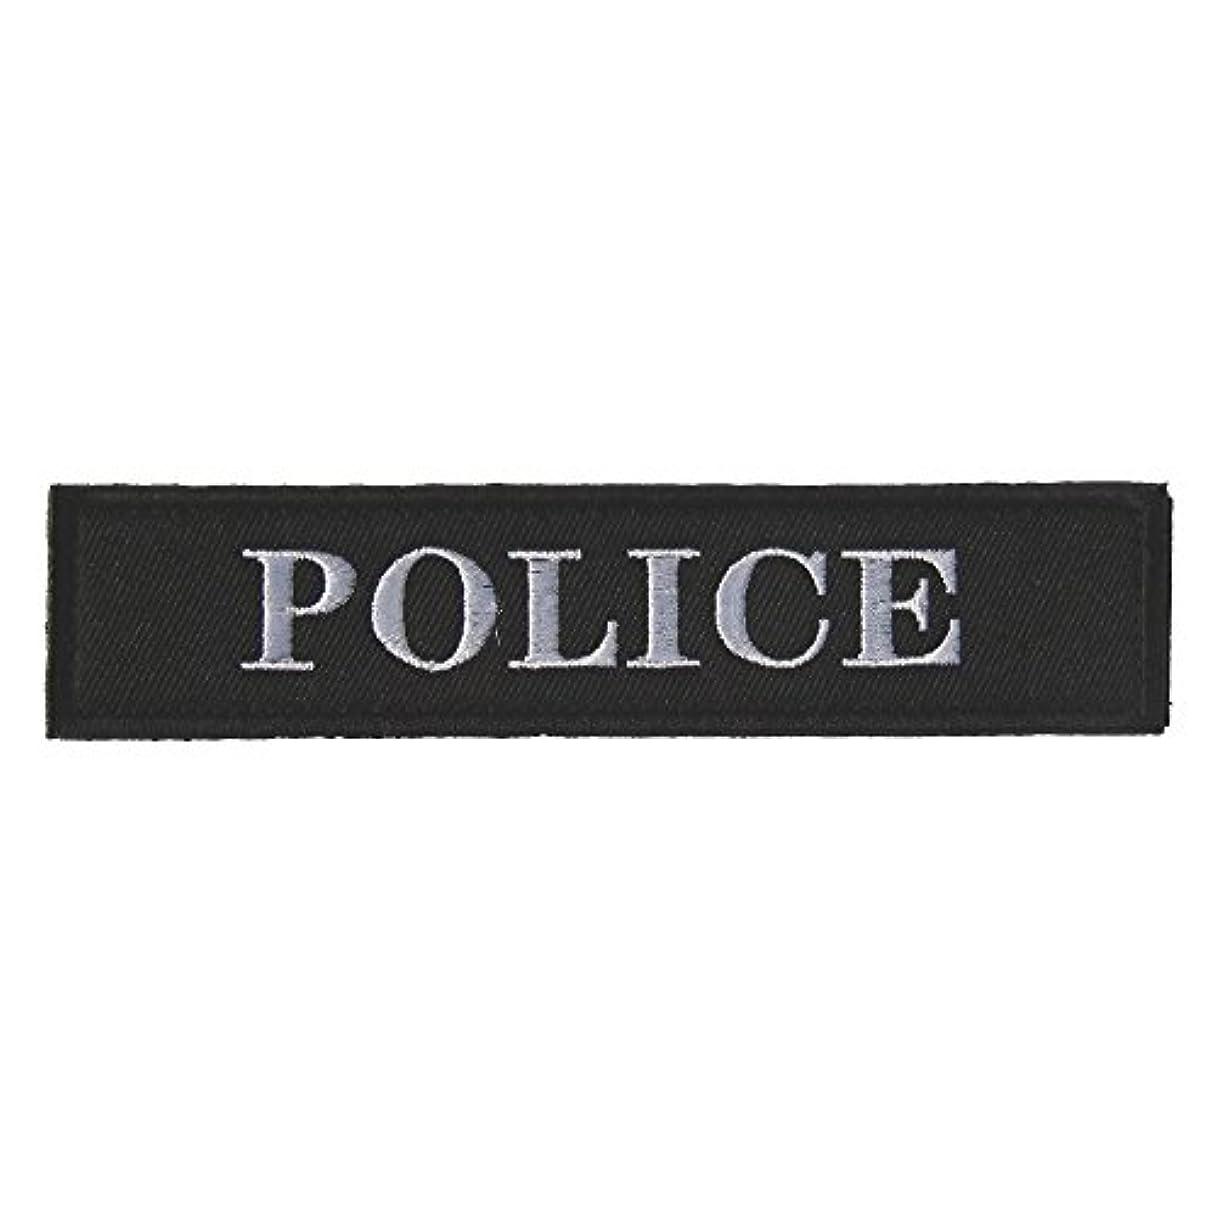 保険委員会強調ベルクロワッペン ミリタリータグ パッチ (POLICE)